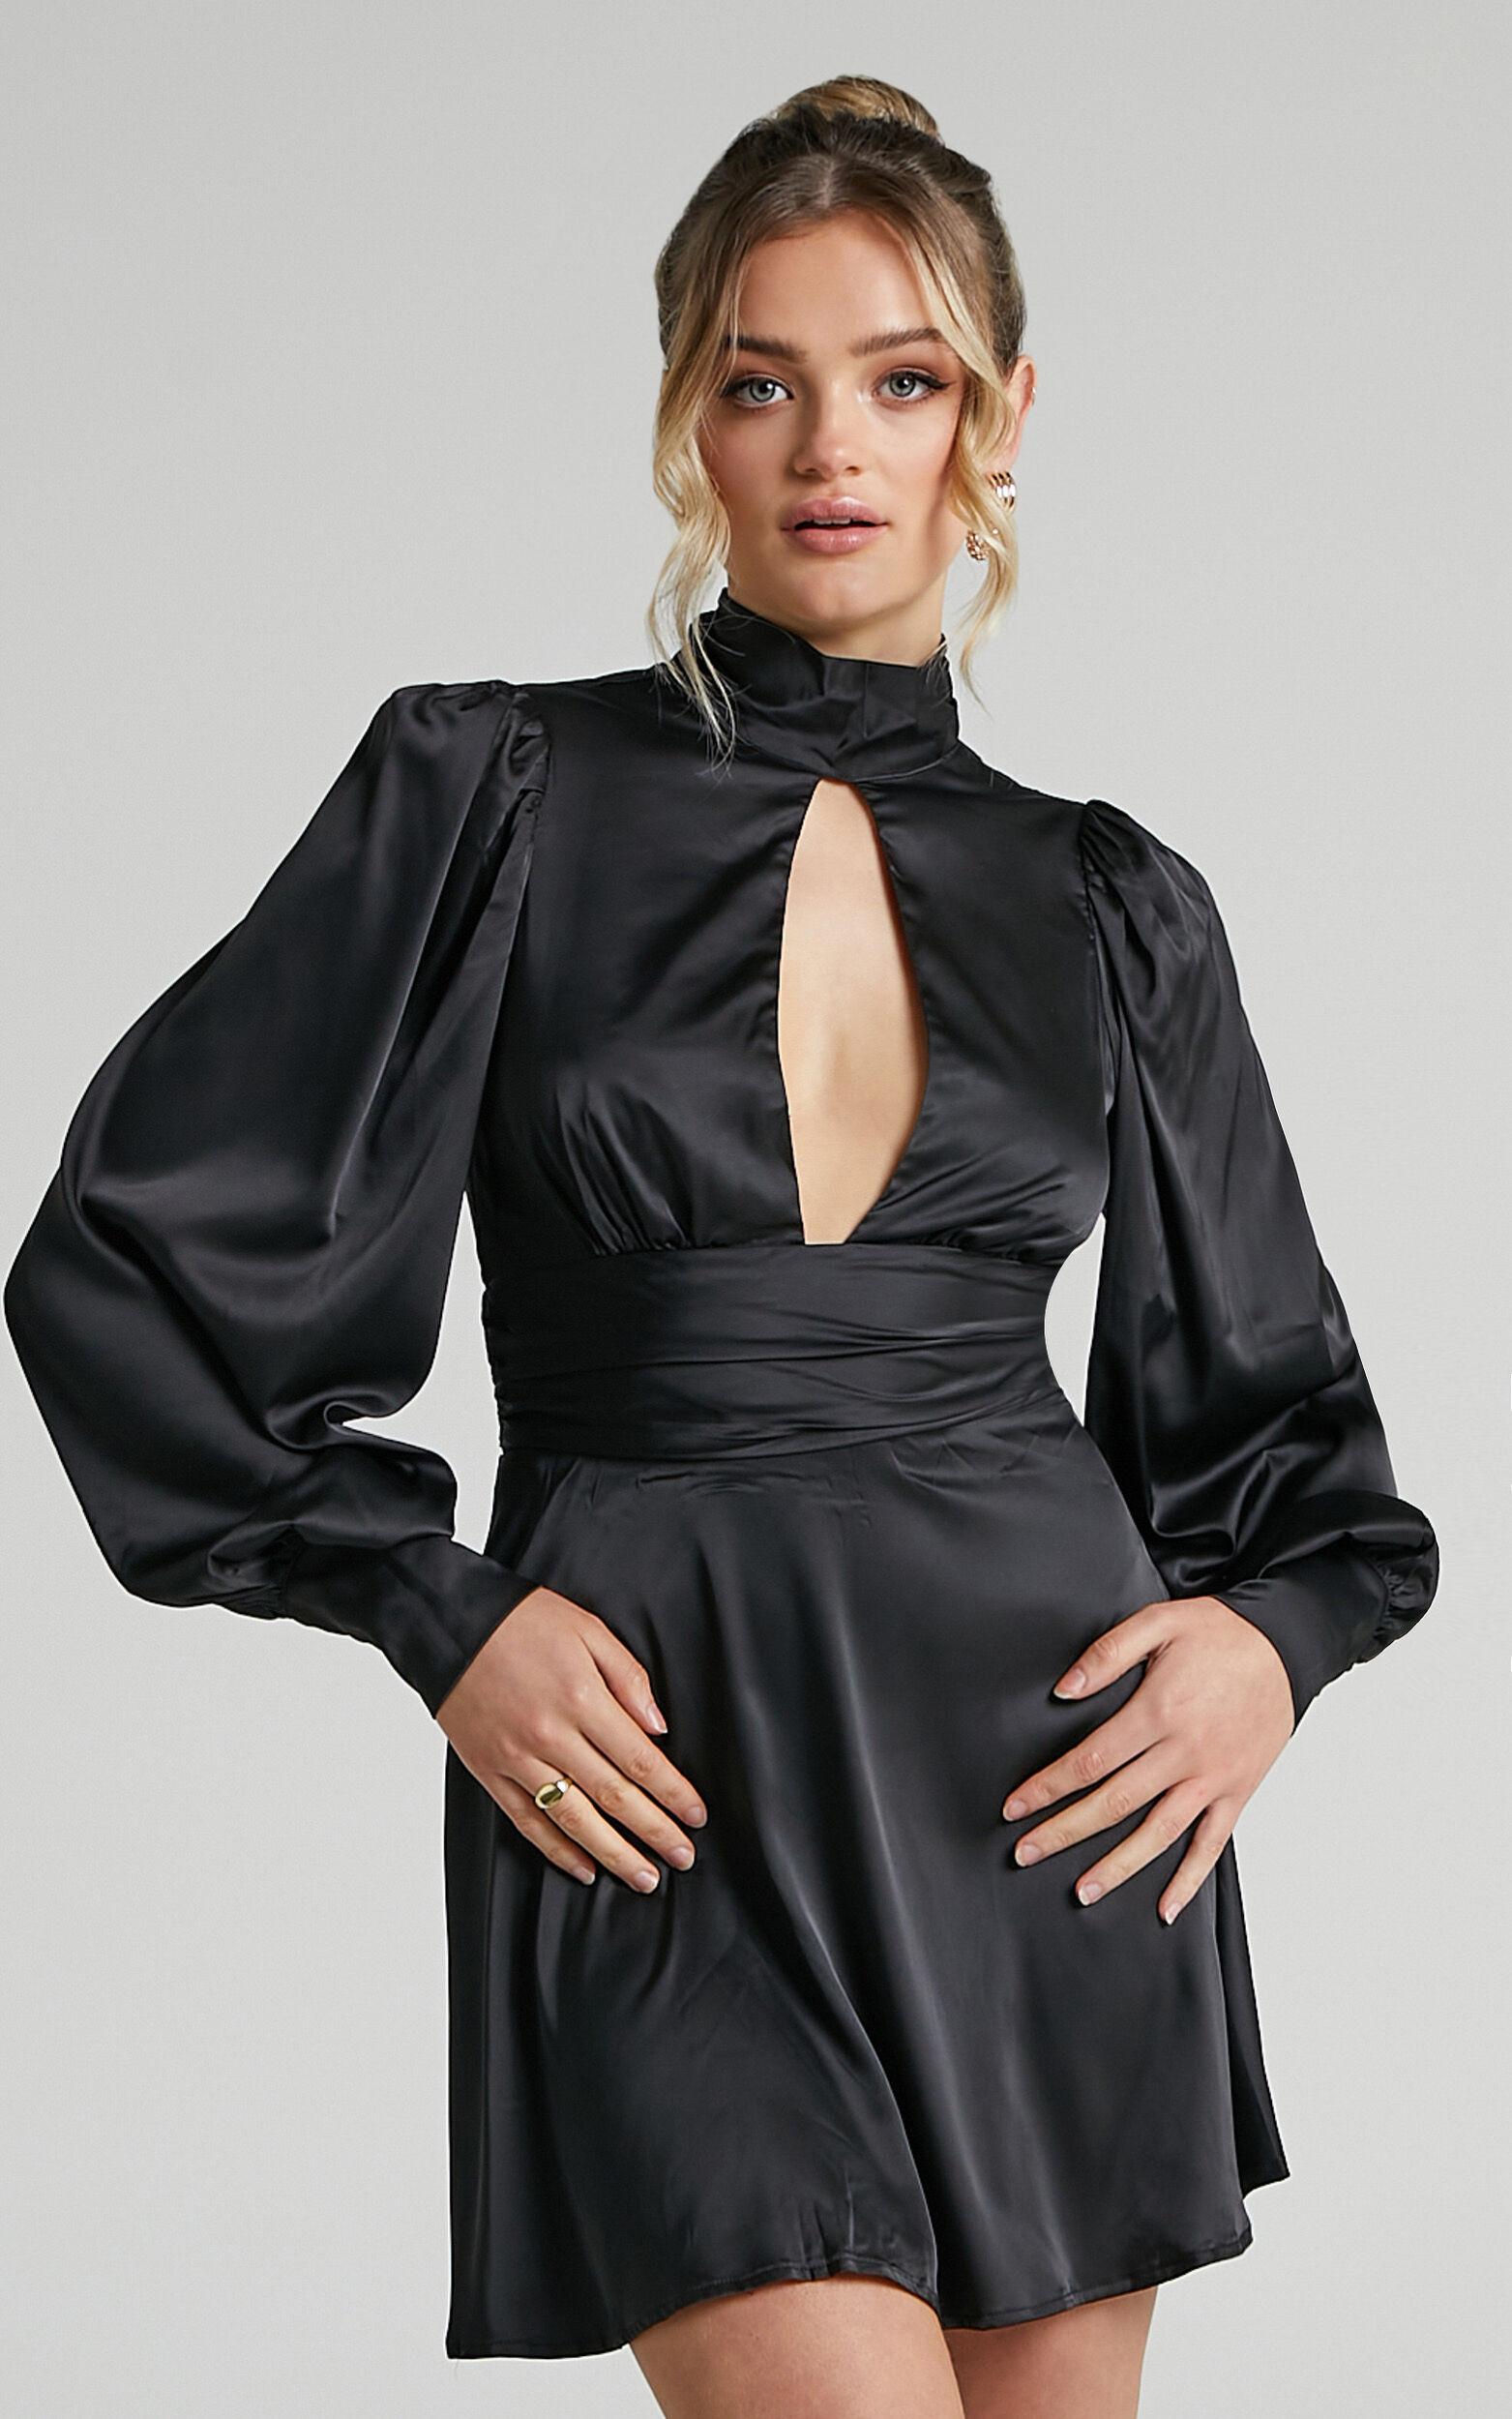 Adrianne Backless High Neck Mini Dress in Black Satin - 06, BLK1, super-hi-res image number null